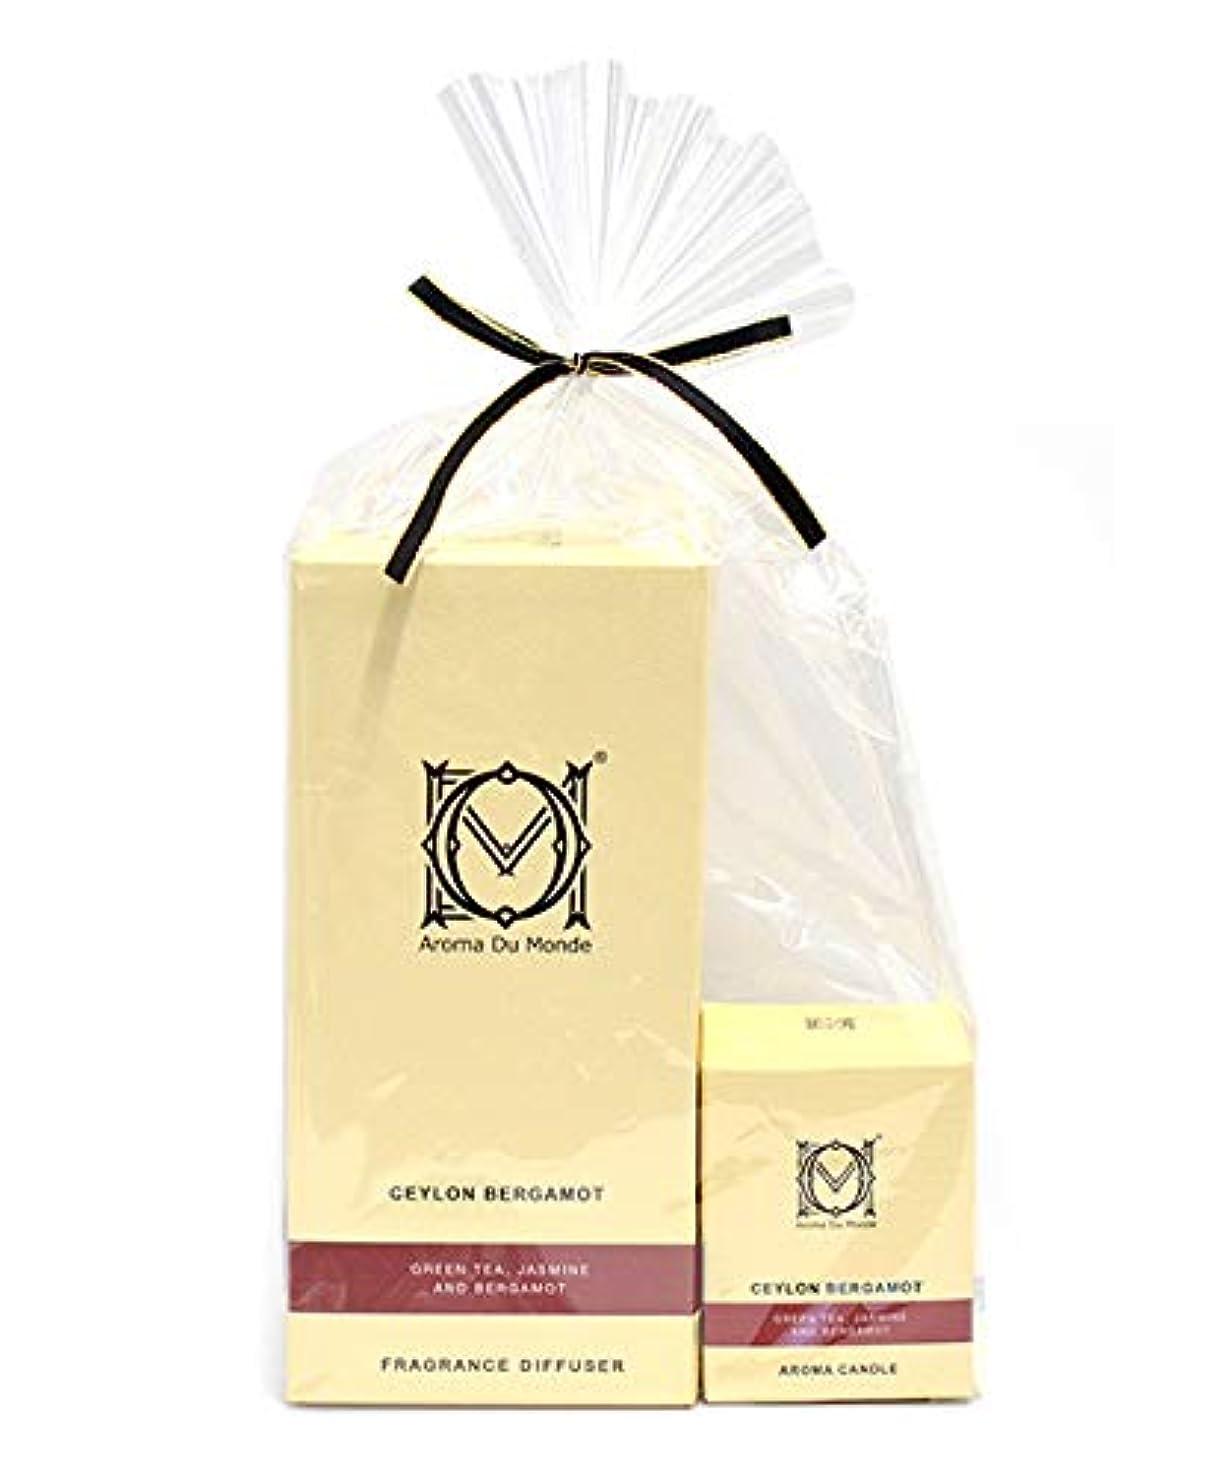 理解真実見習いフレグランスディフューザー&キャンドル セイロンベルガモット セット Aroma Du Monde/ADM Fragrance Diffuser & Candle Ceylon Bergamot Set 81156